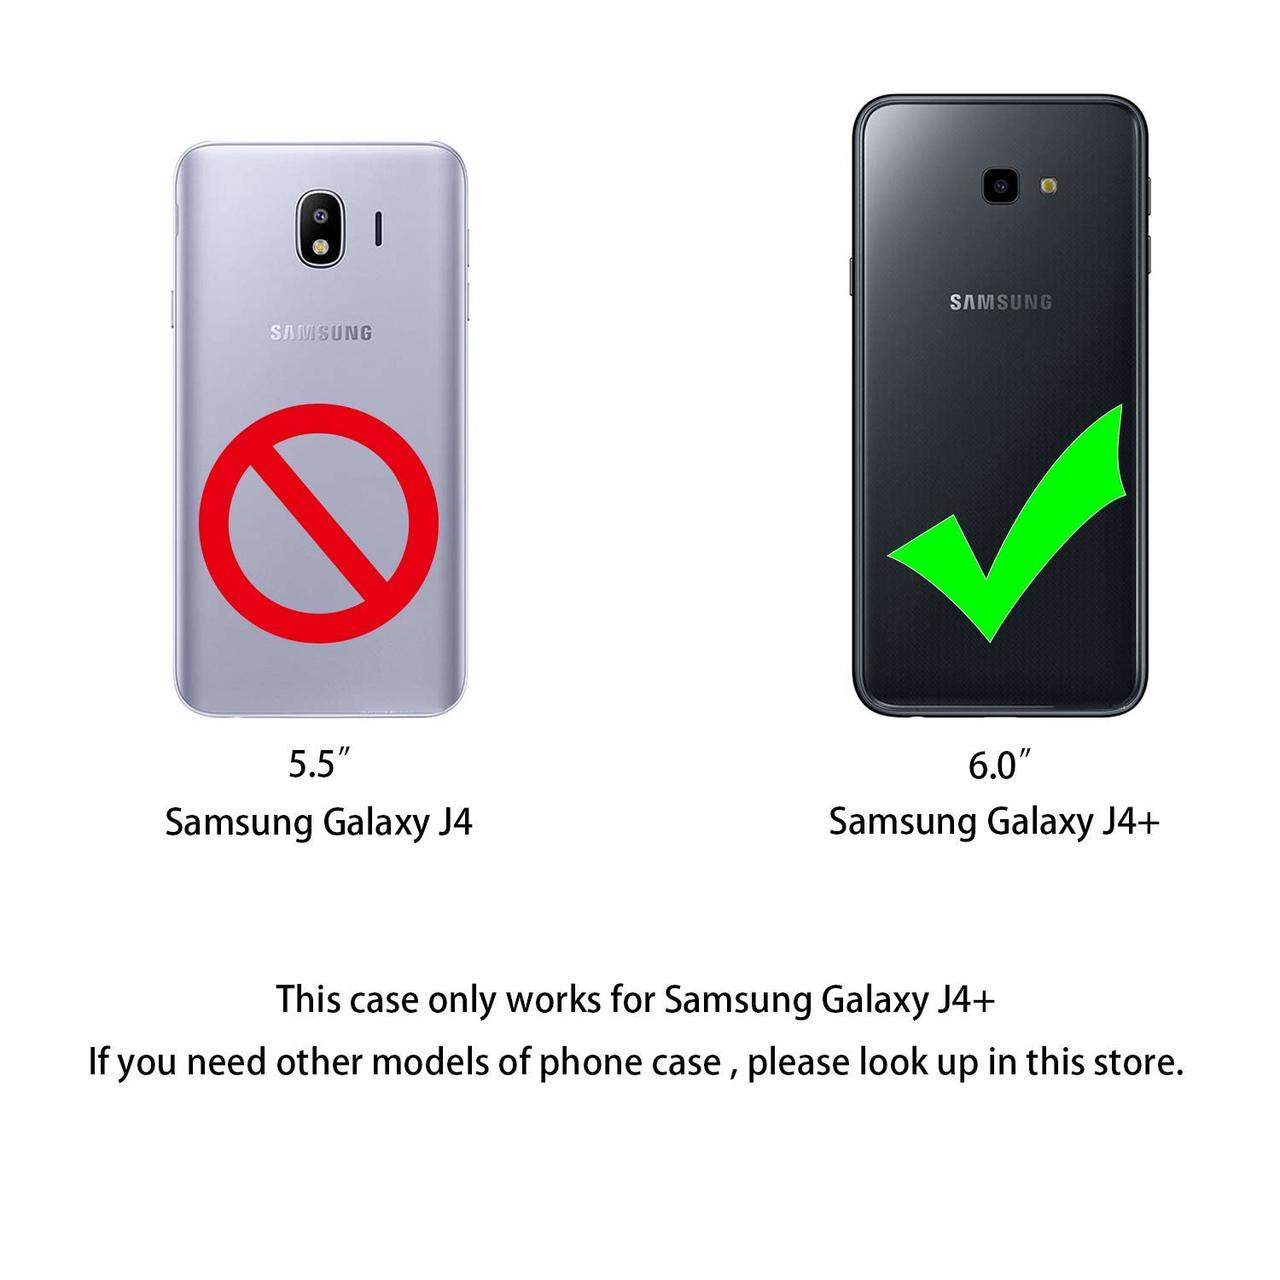 online retailer e8f67 74d1f Samsung Galaxy J4+